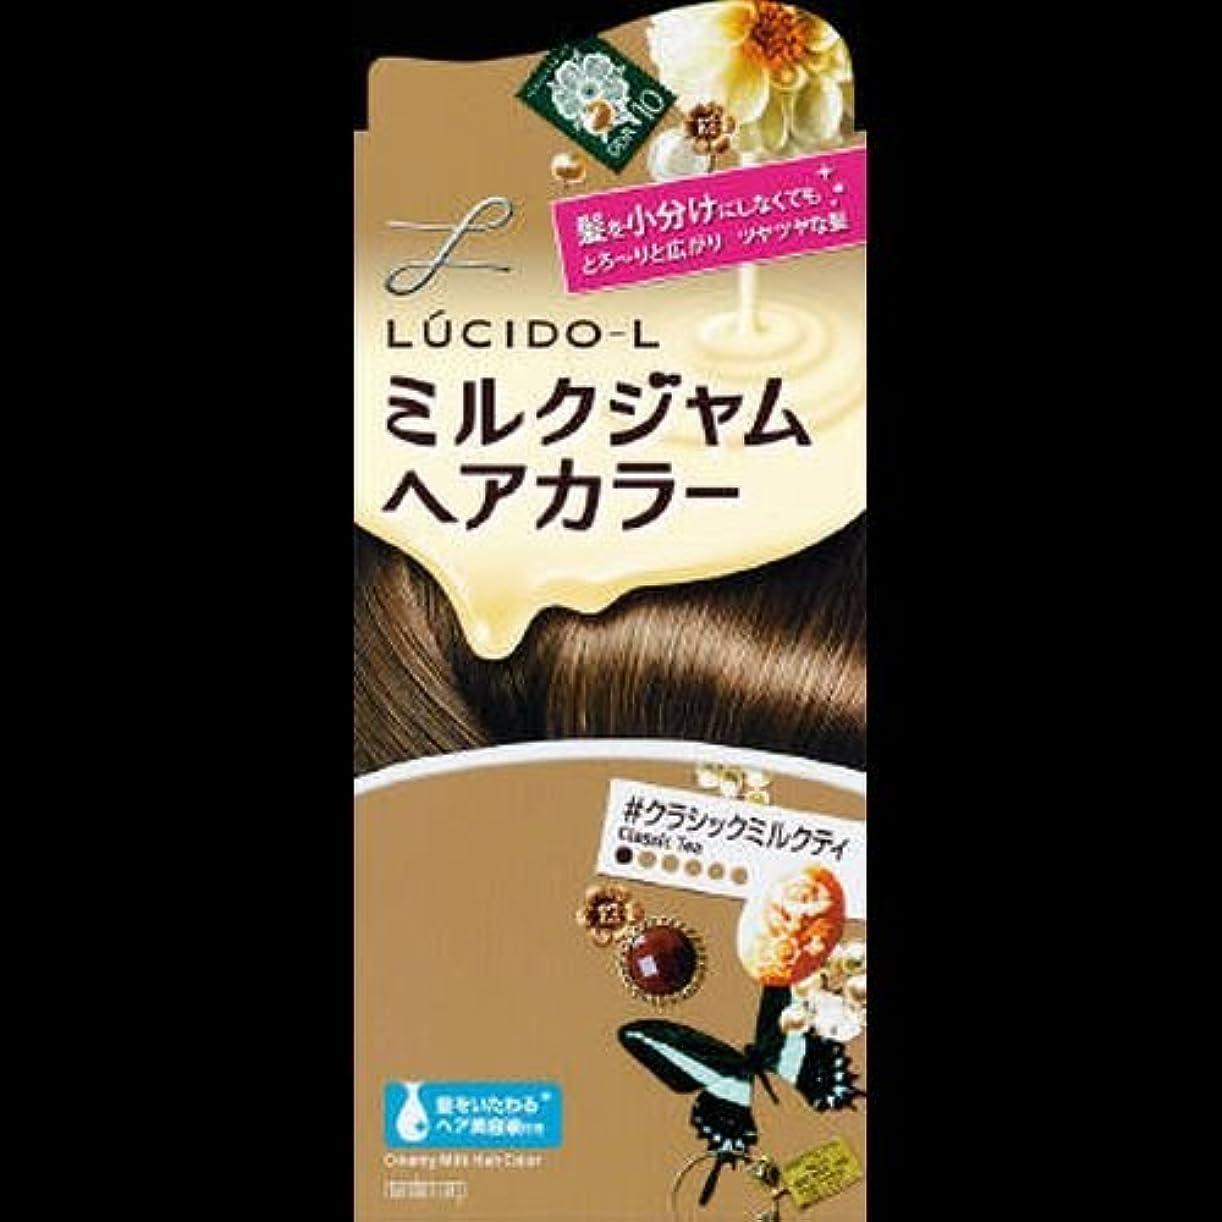 【まとめ買い】ルシードエル ミルクジャムヘアカラー クラシックミルクティ ×2セット